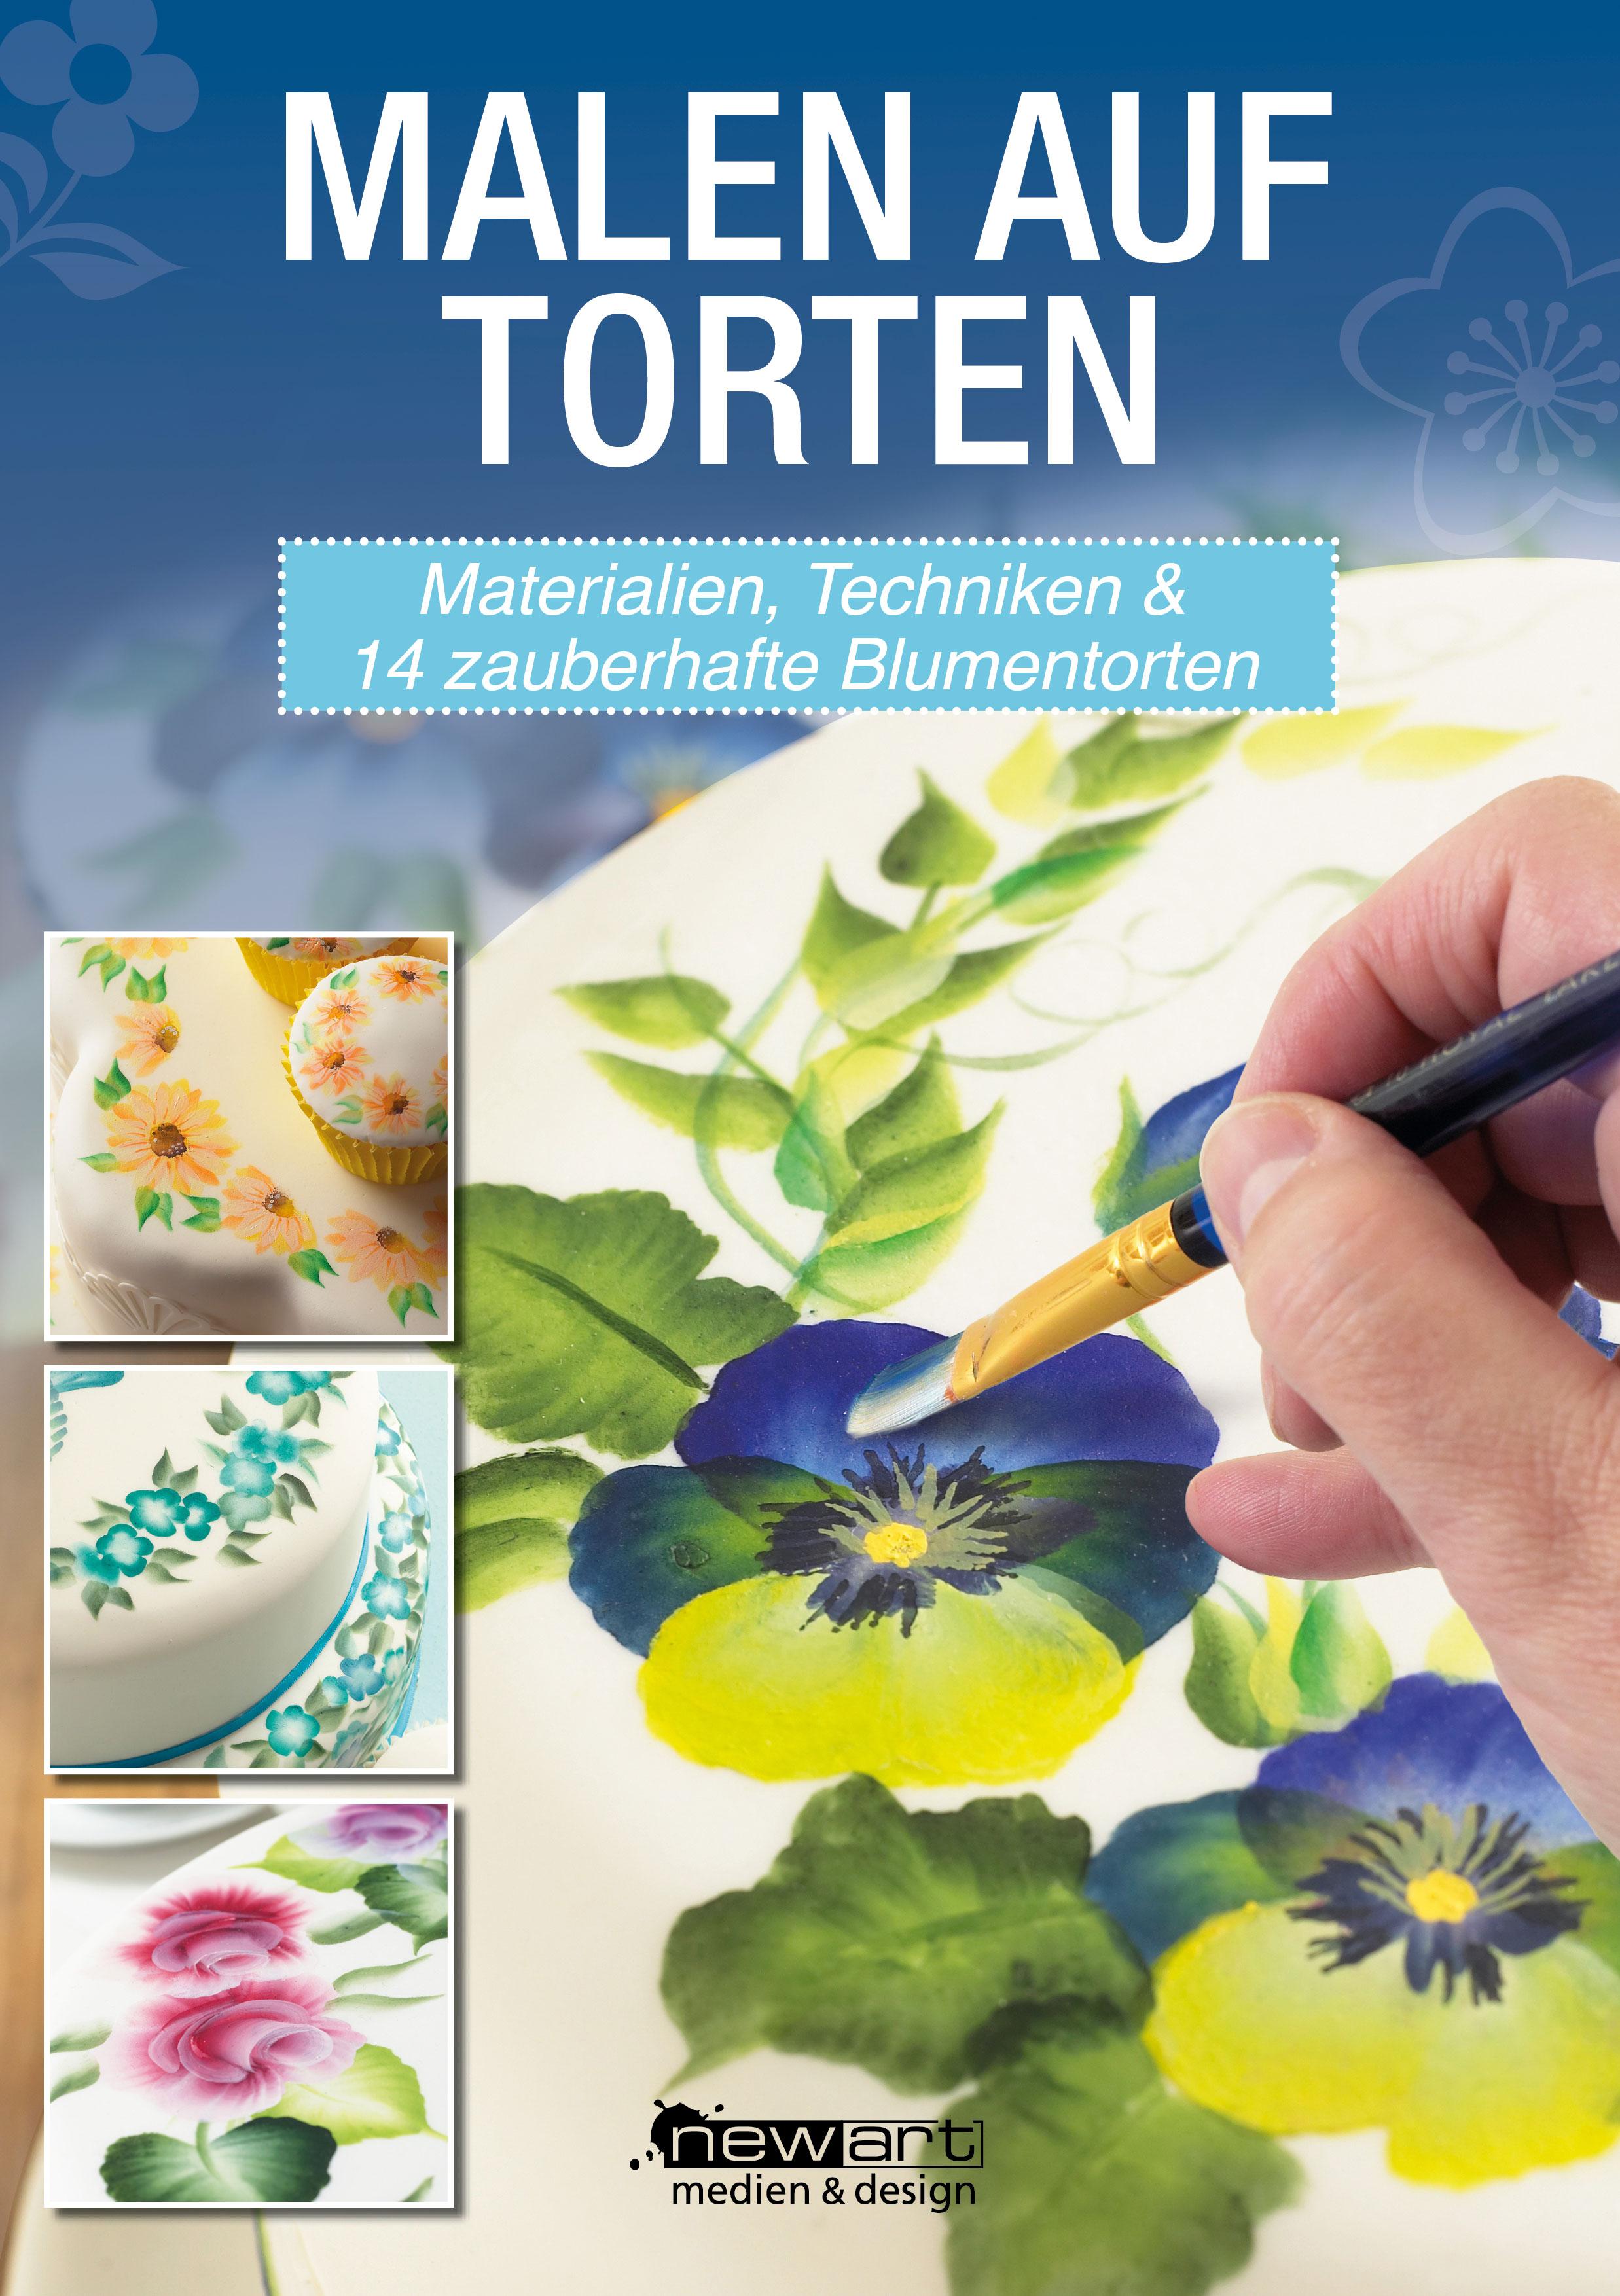 Malen auf Torten – mal ohne Airbrush